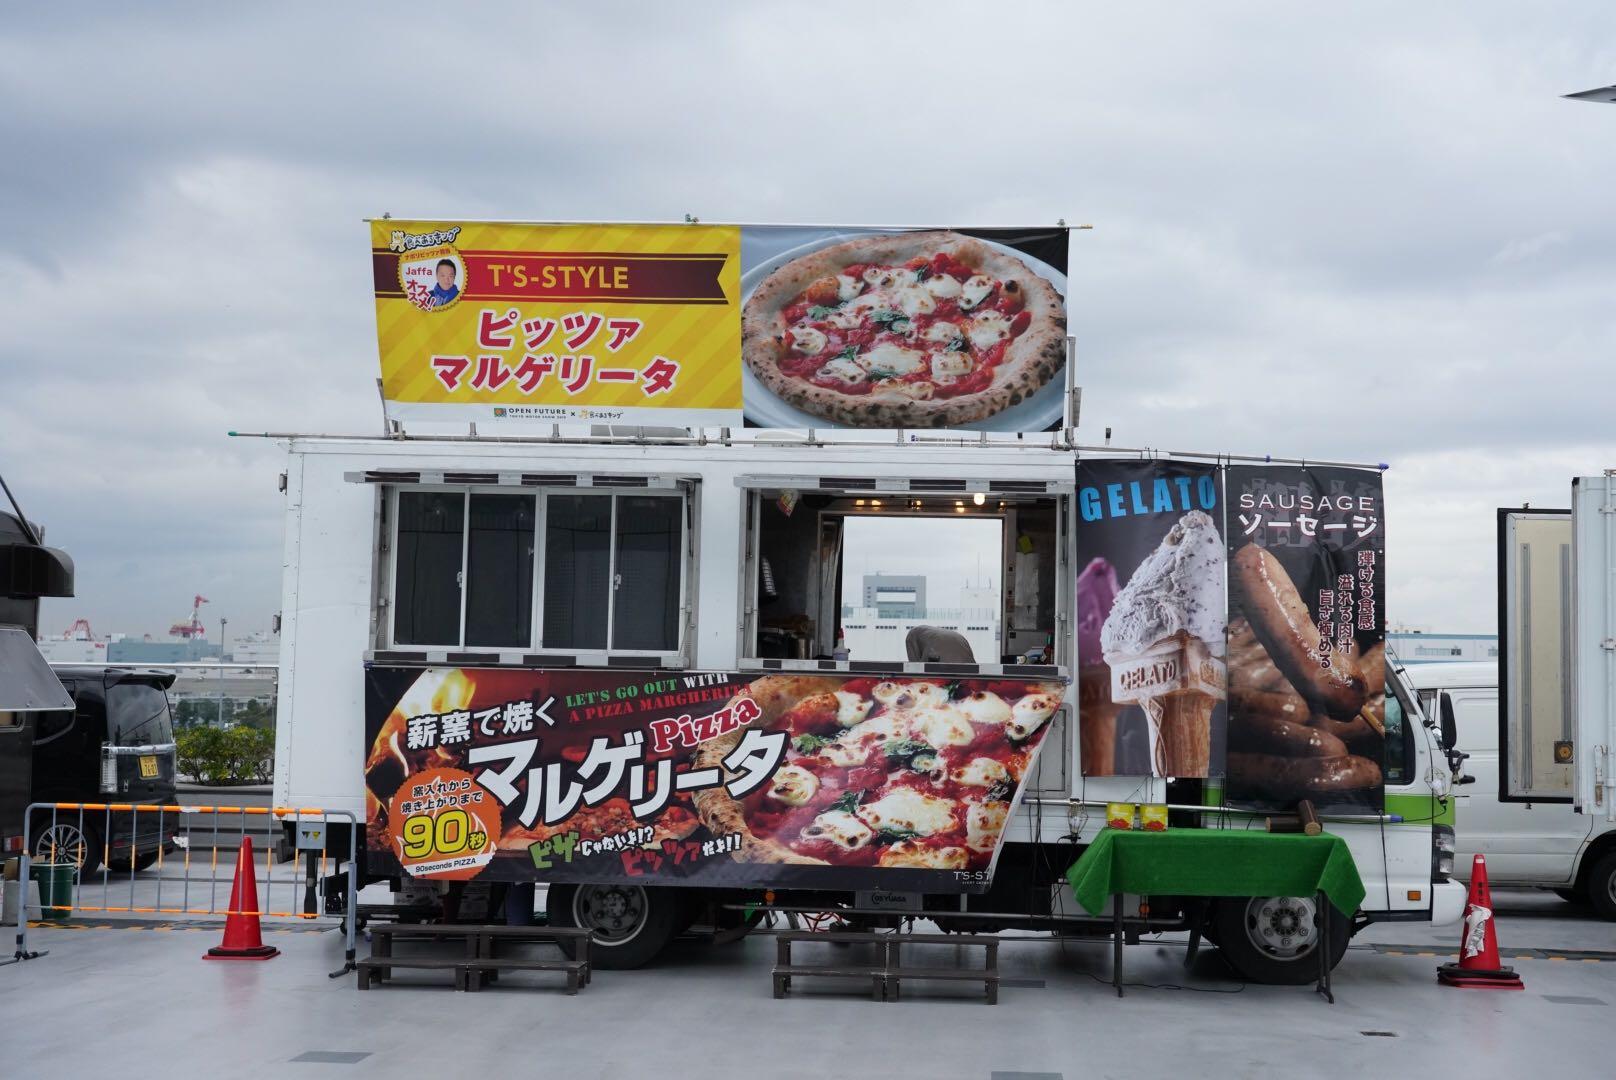 T'S_STYLE グルメキングダム 東京モーターショー2019